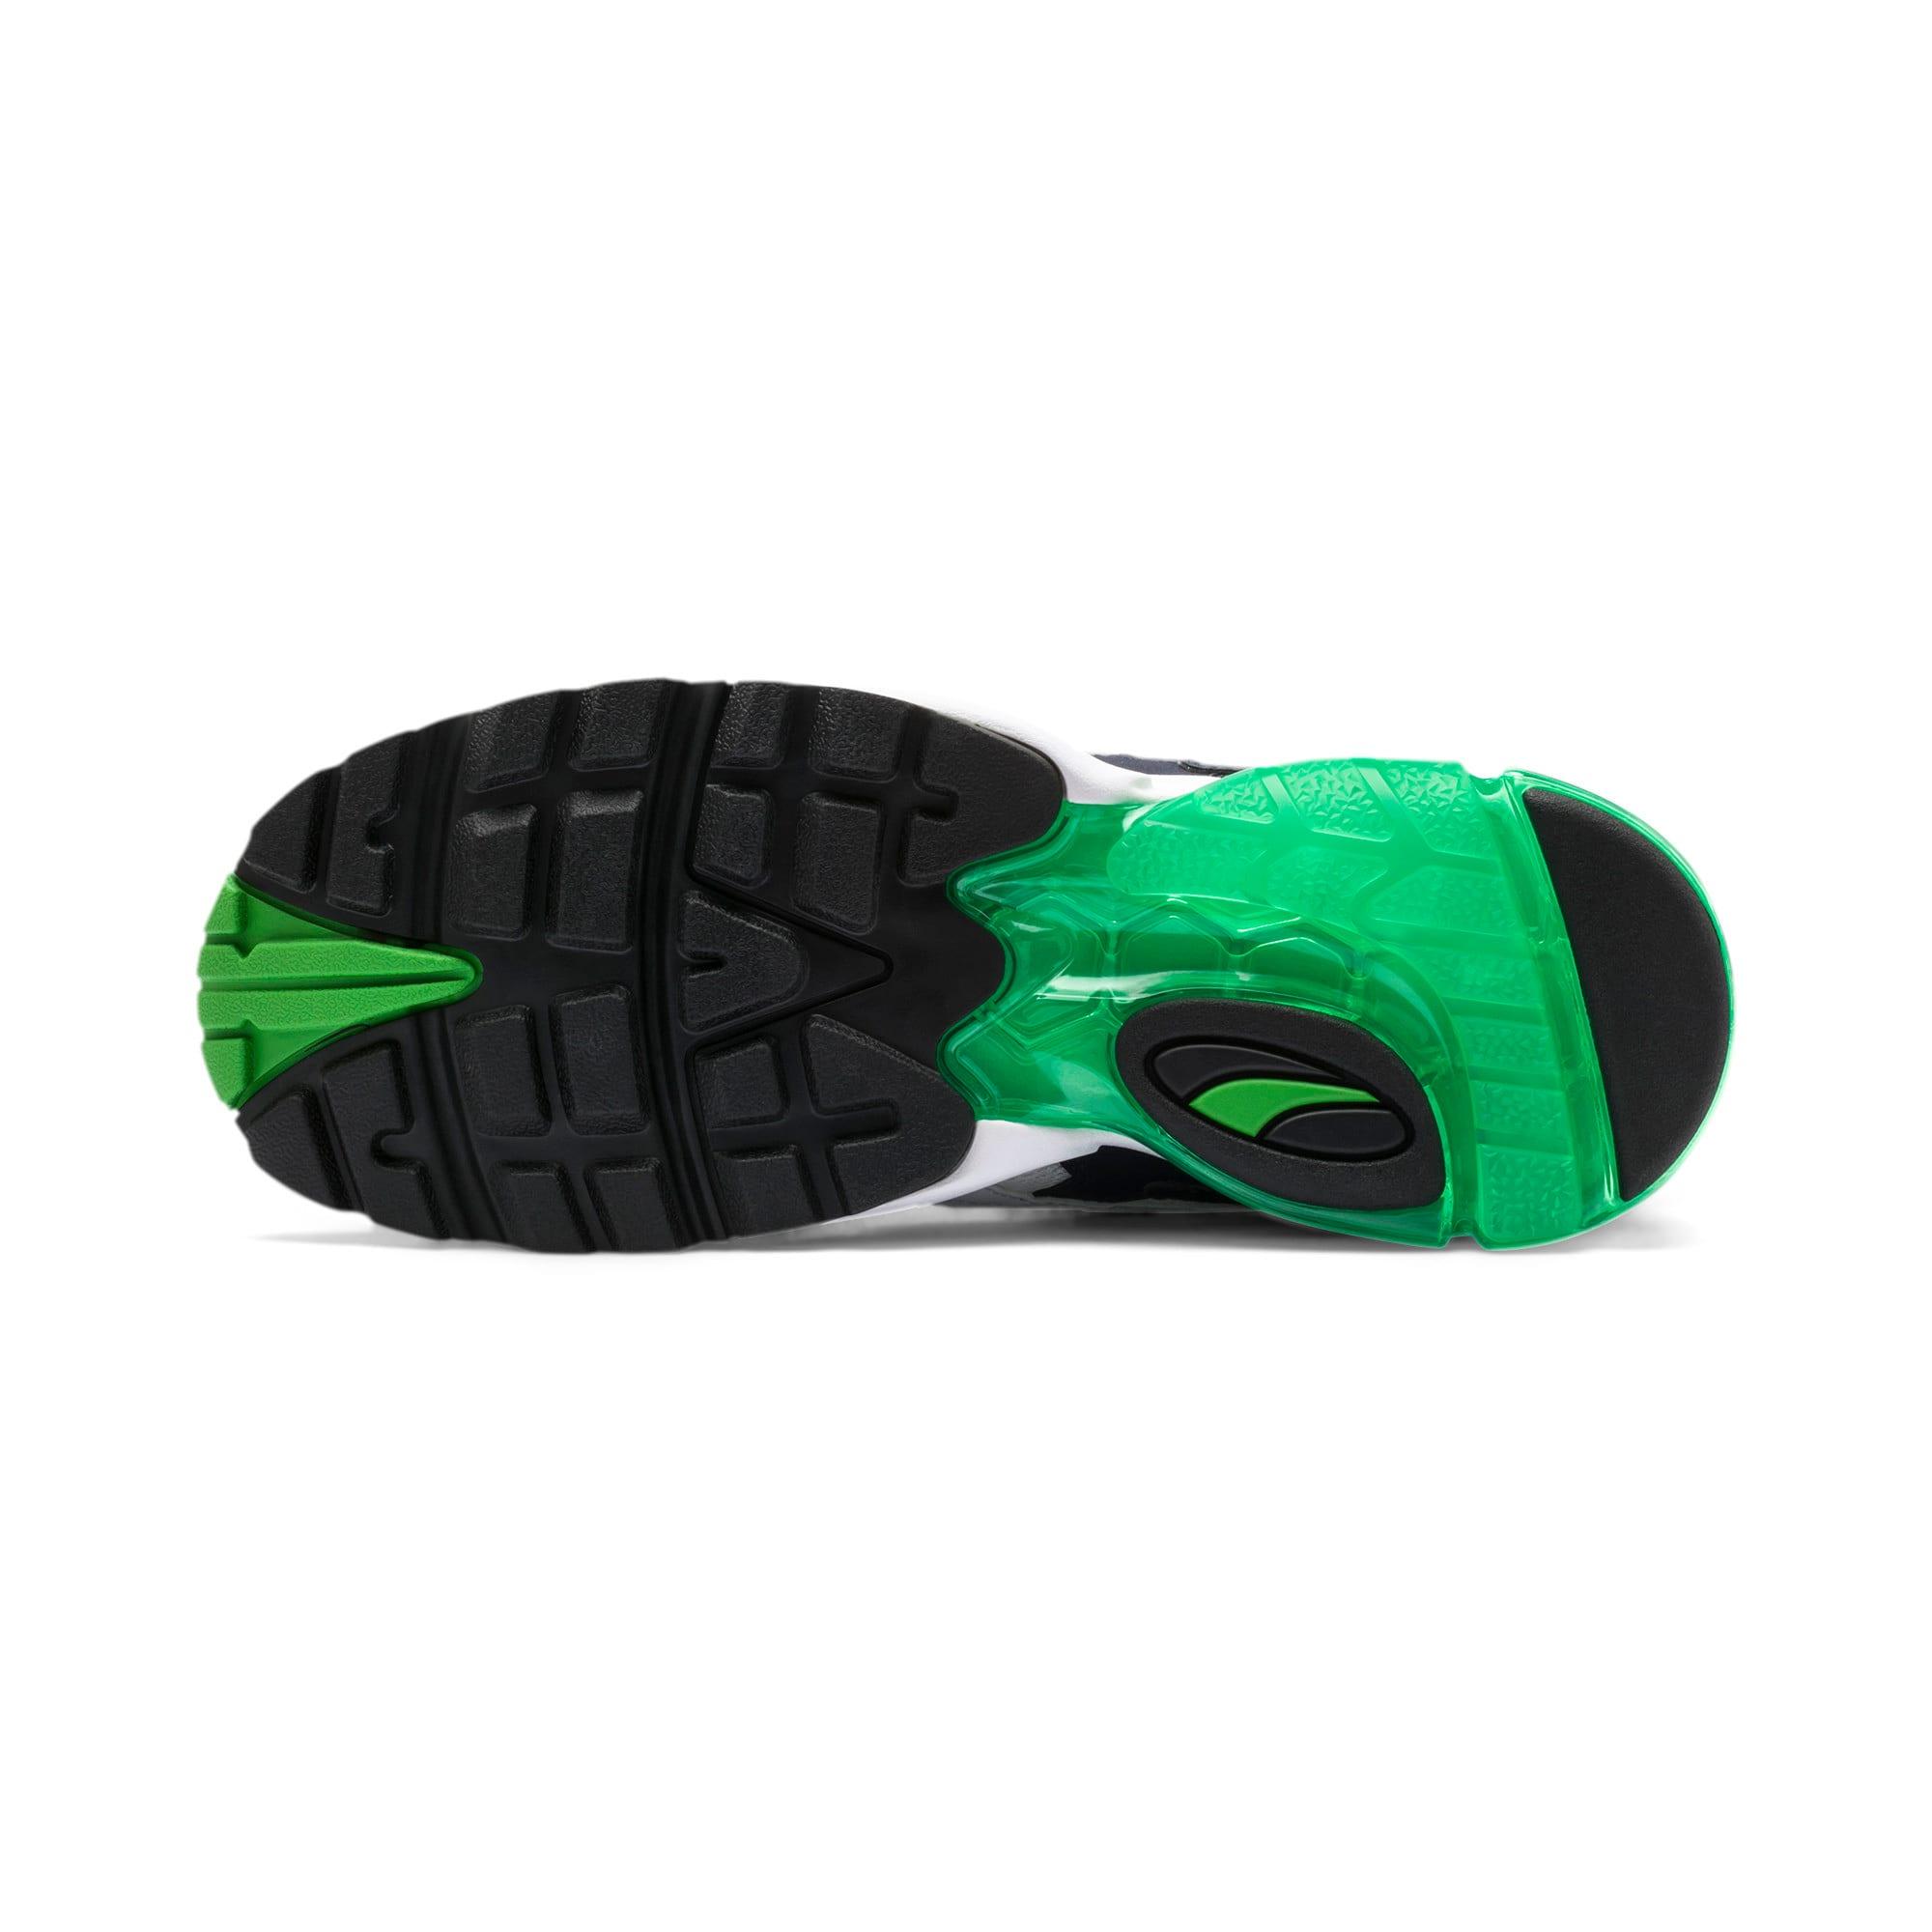 Thumbnail 5 of CELL Alien OG Sneakers, Peacoat-Classic Green, medium